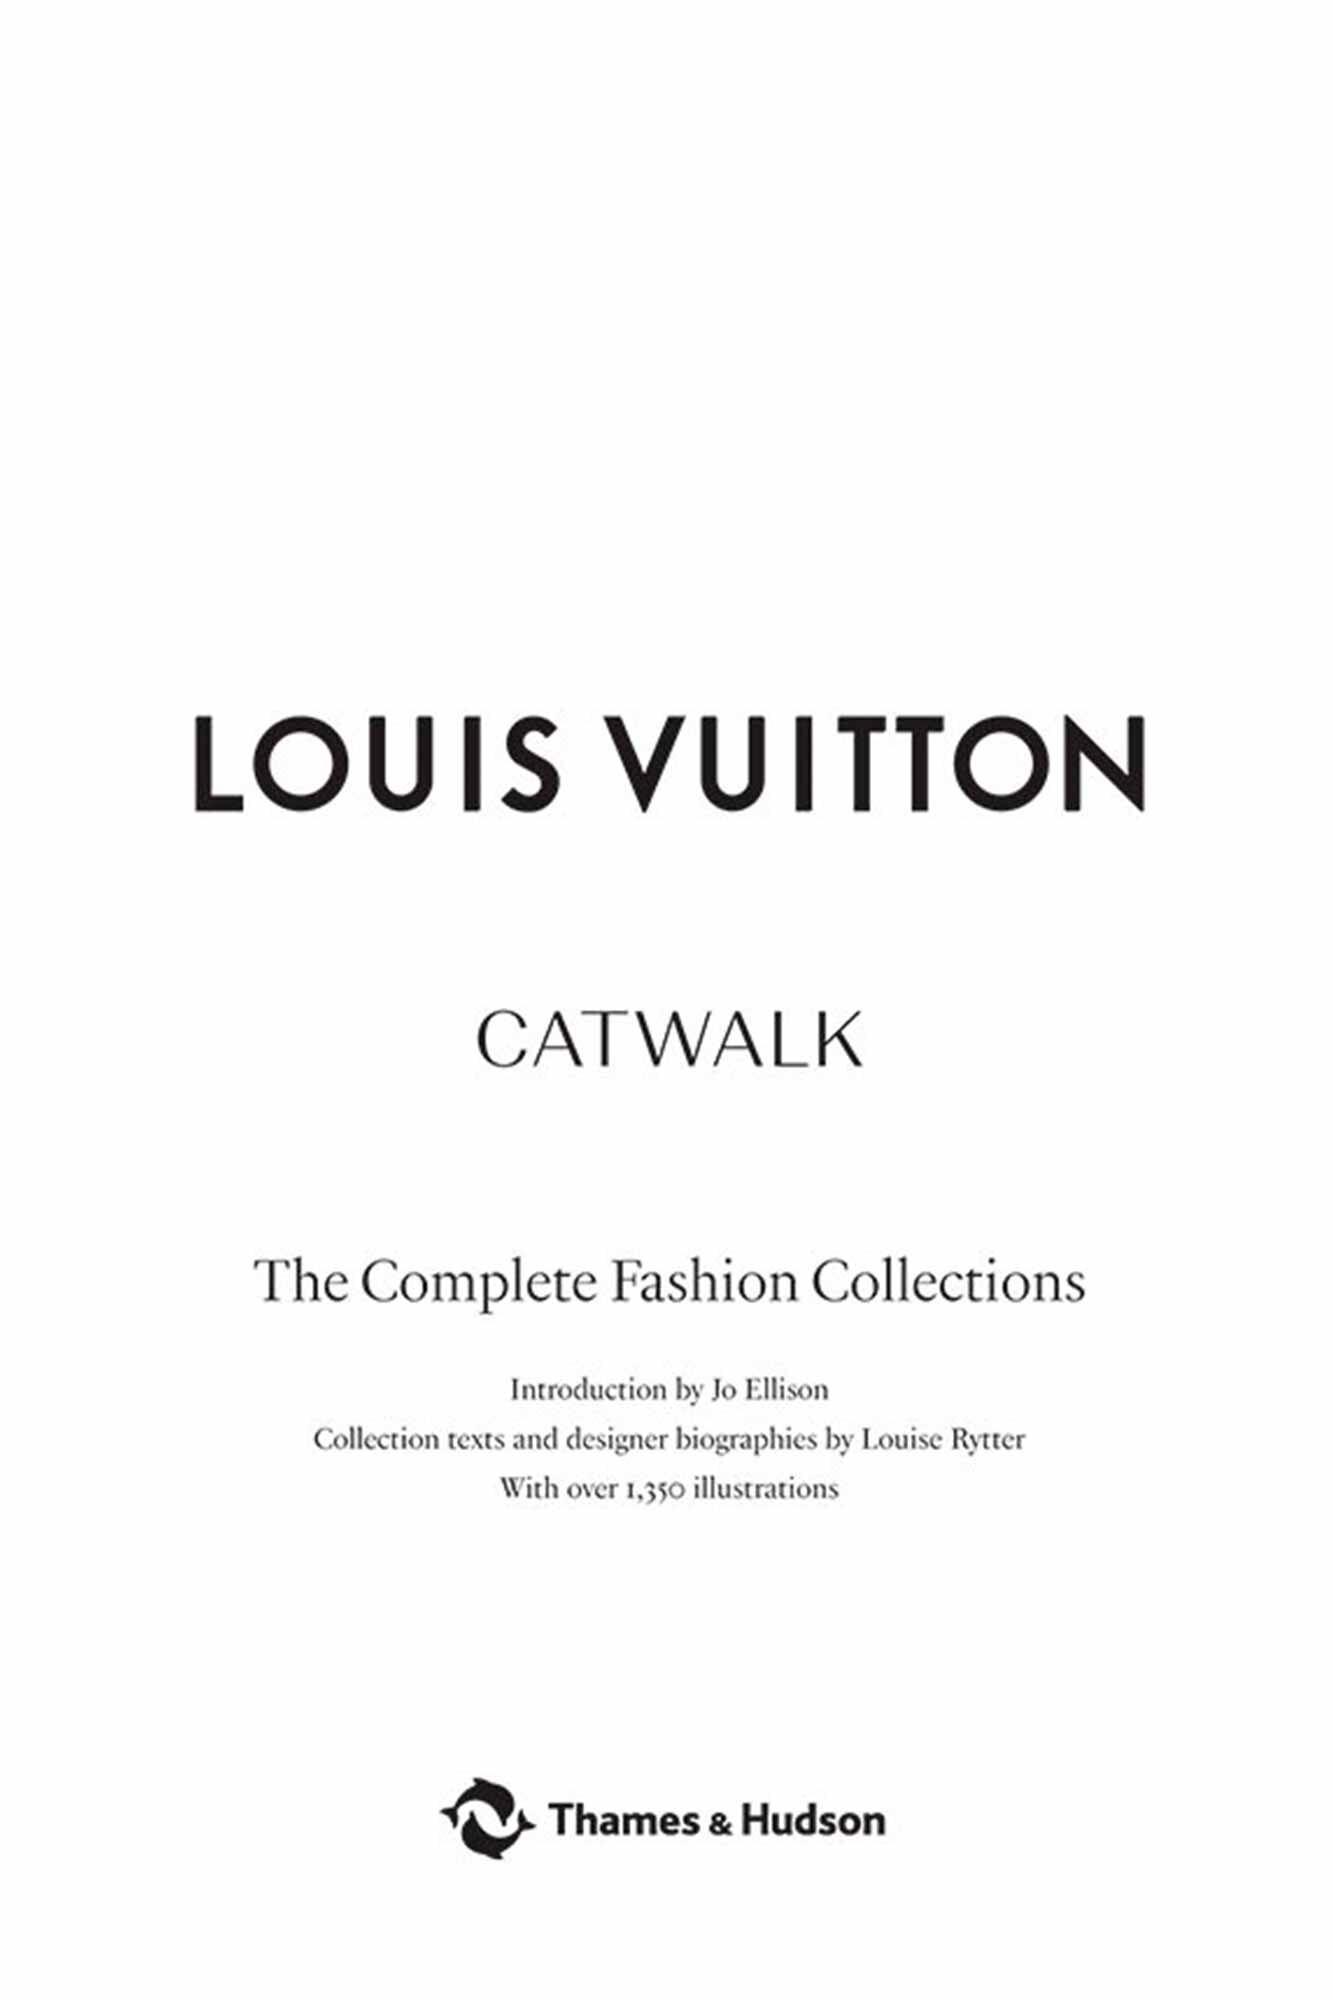 Louis vuitton catwalk TH1018, MULTIPLE